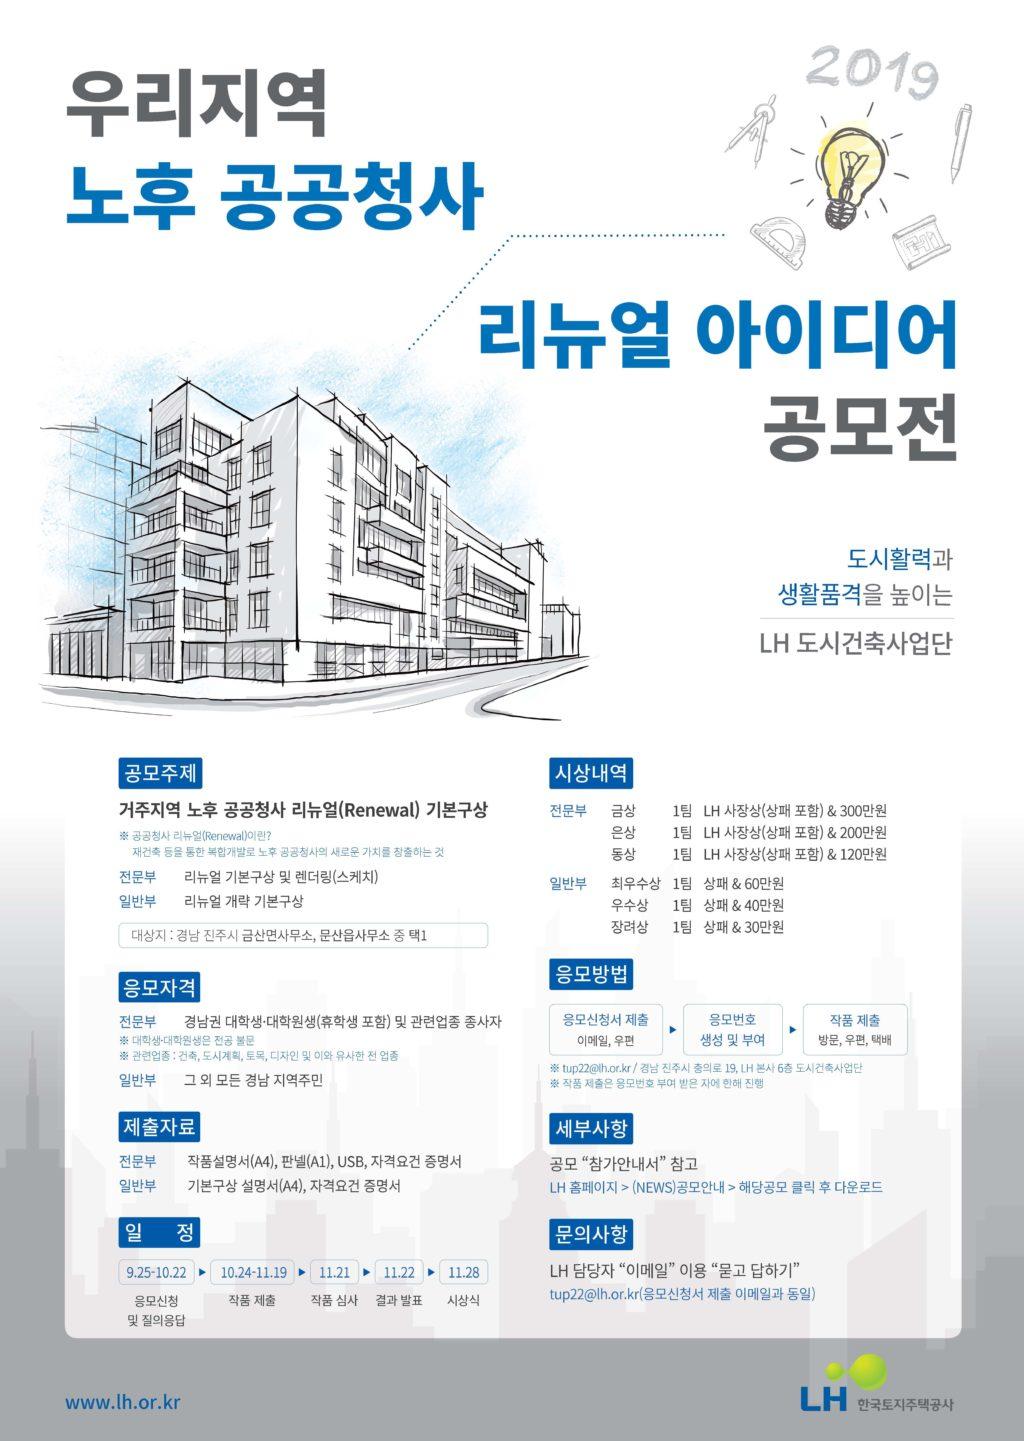 """""""우리지역 노후 공공청사 리뉴얼 아이디어 공모전(2019)"""" 응모접수(~10.22까지)"""